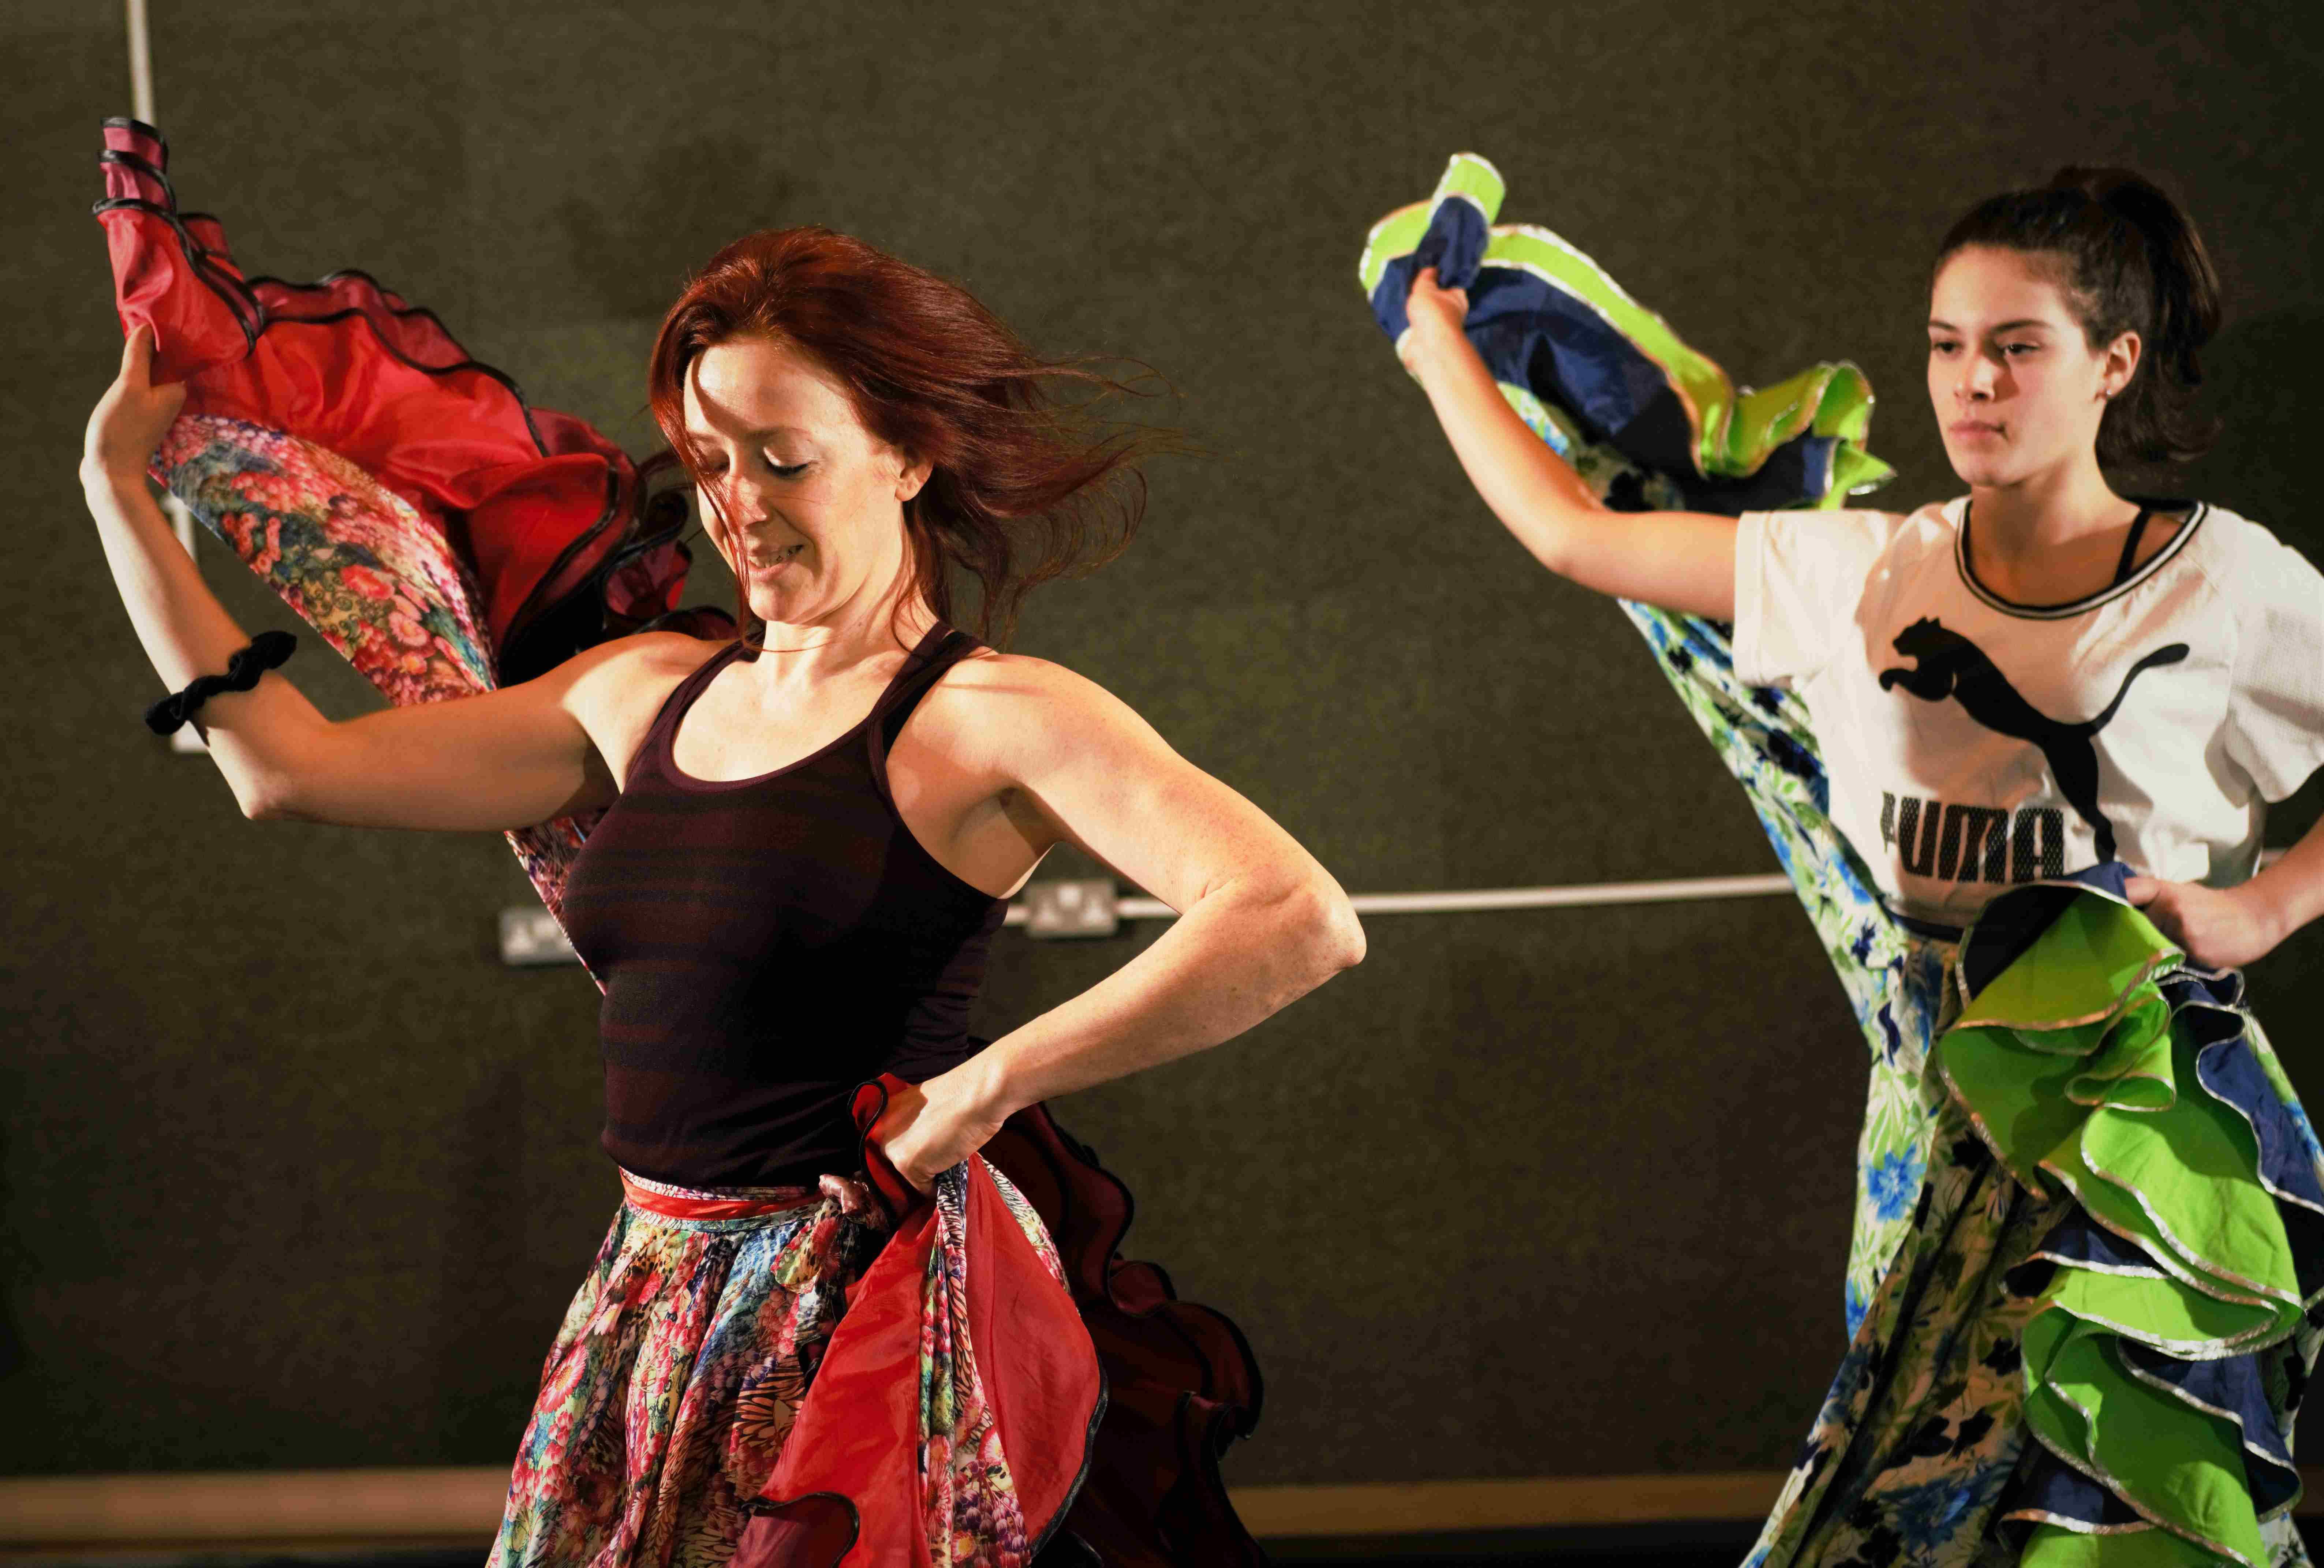 Gypsy/Romany dance in London